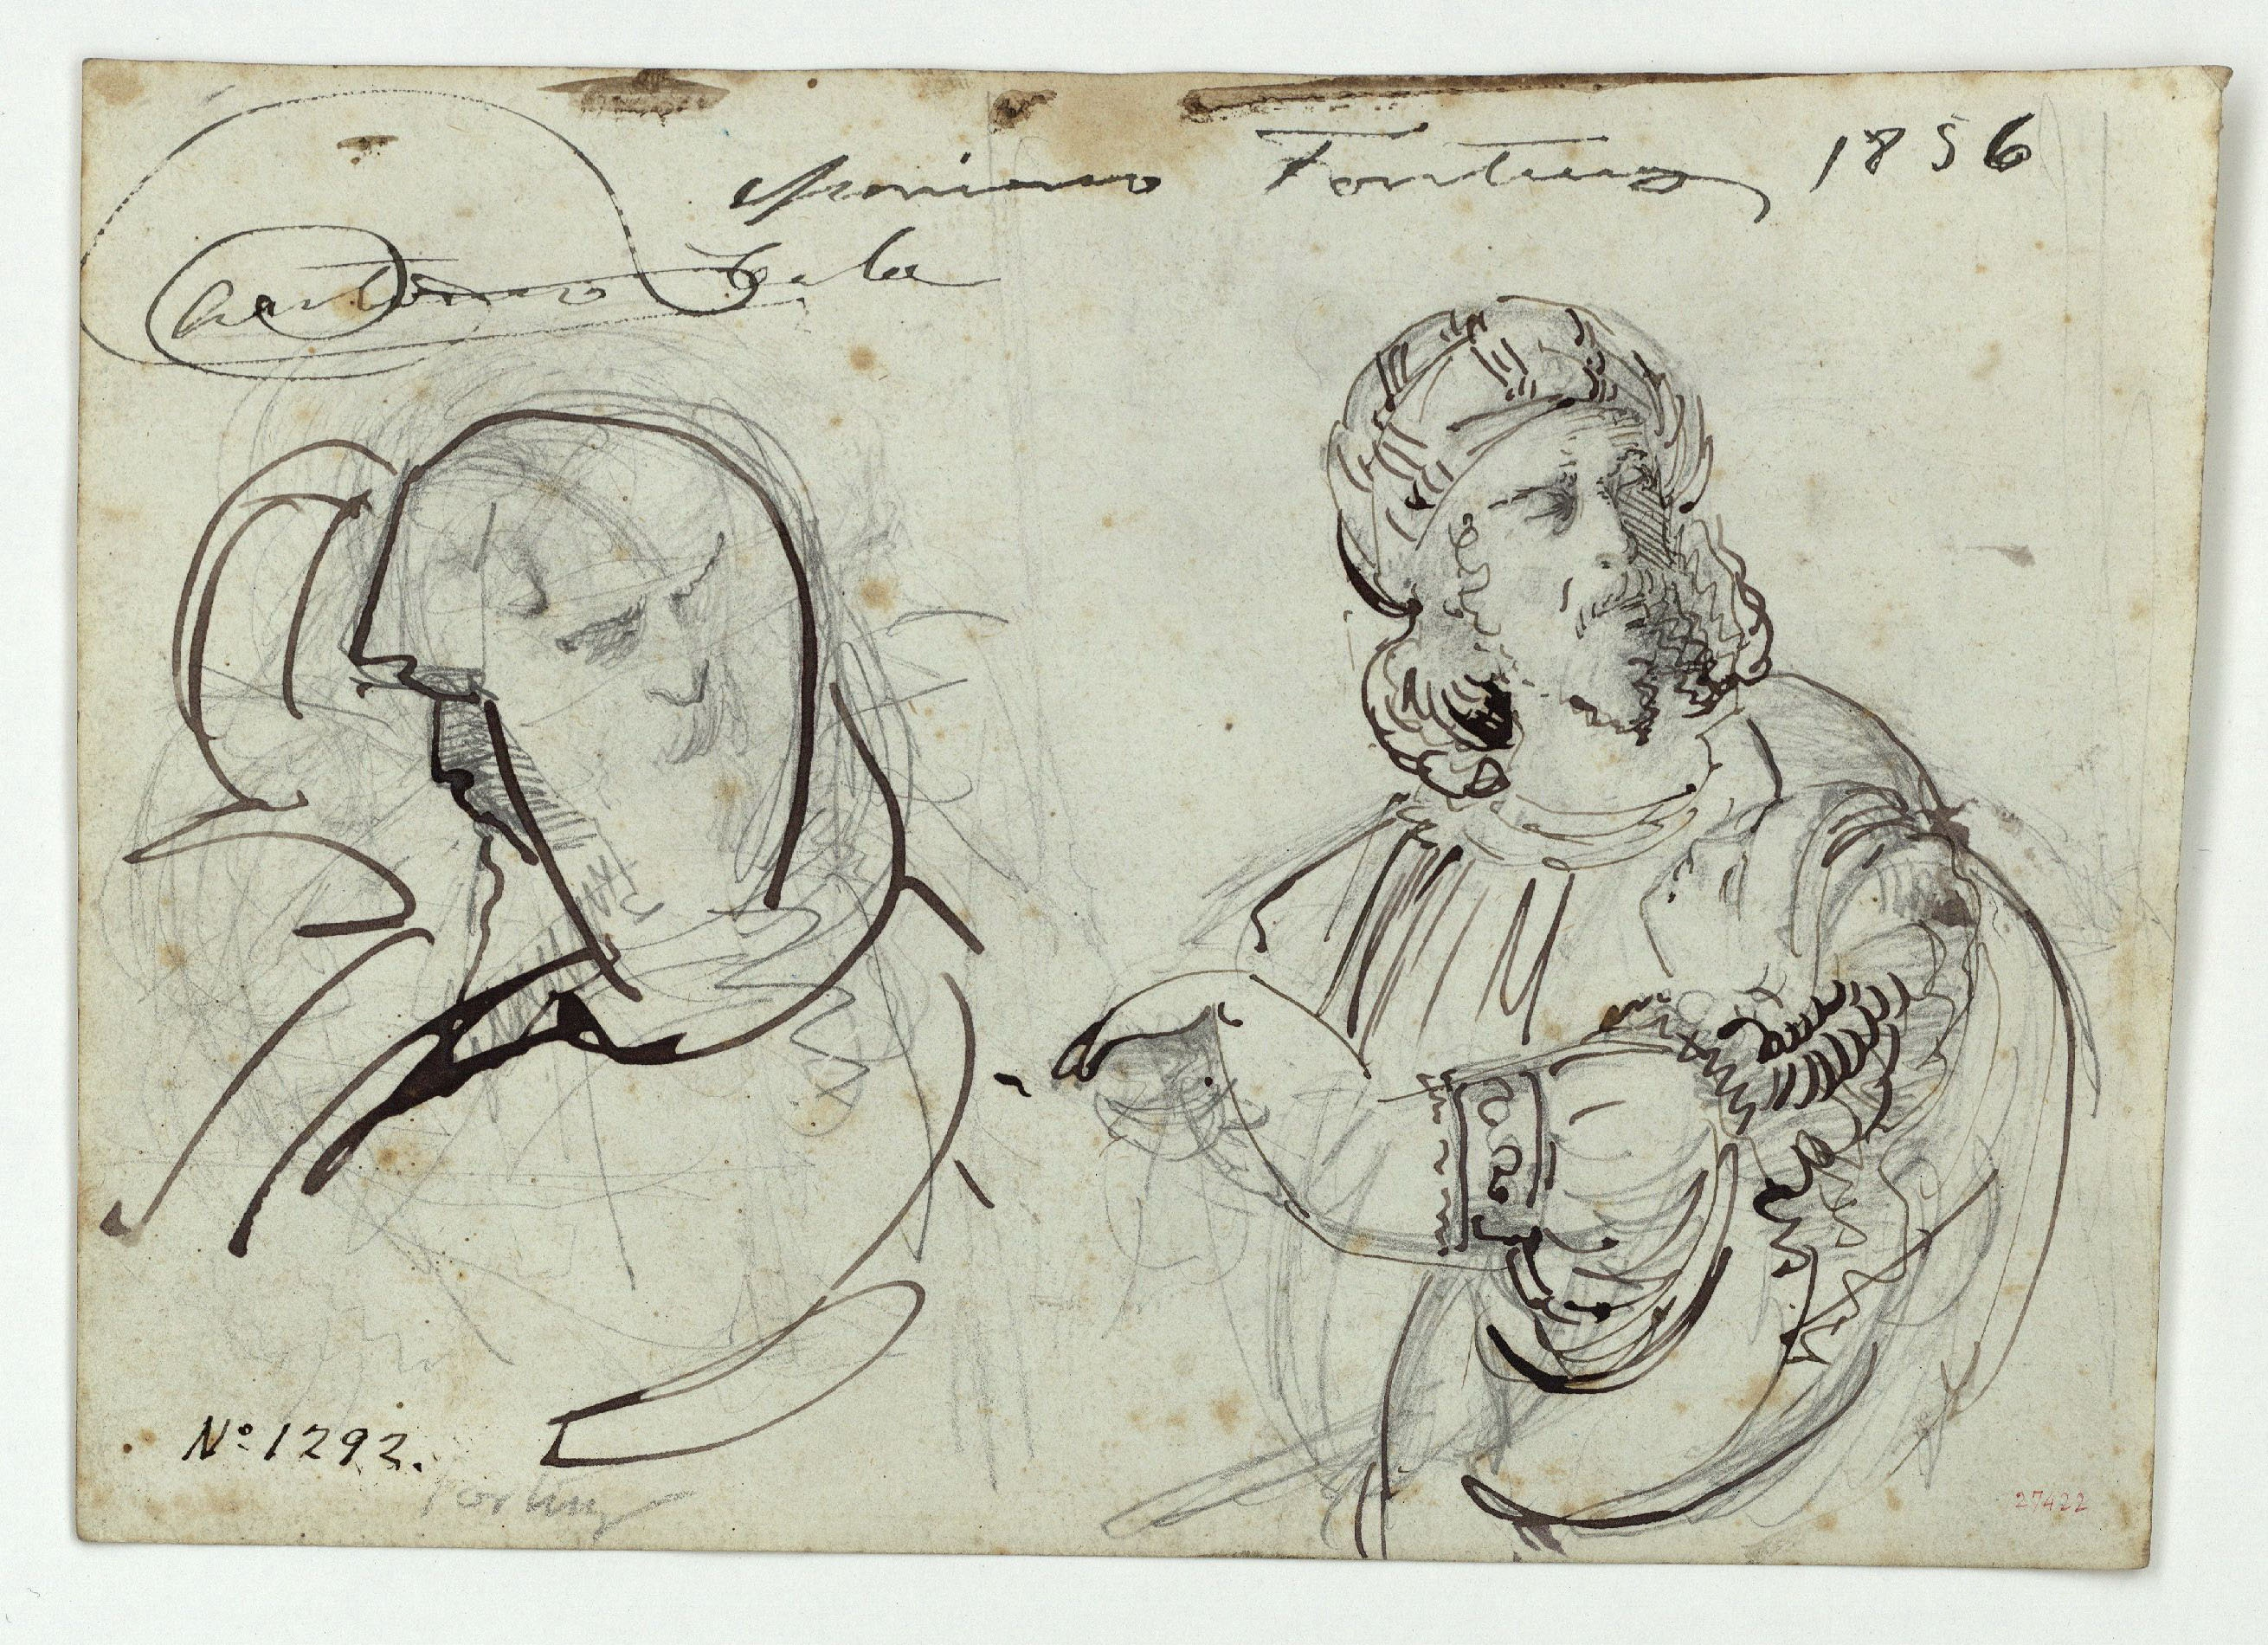 Marià Fortuny - Figures masculines orientals (anvers) / Cap de soldat i altres figures (revers) - Cap a 1856-1858